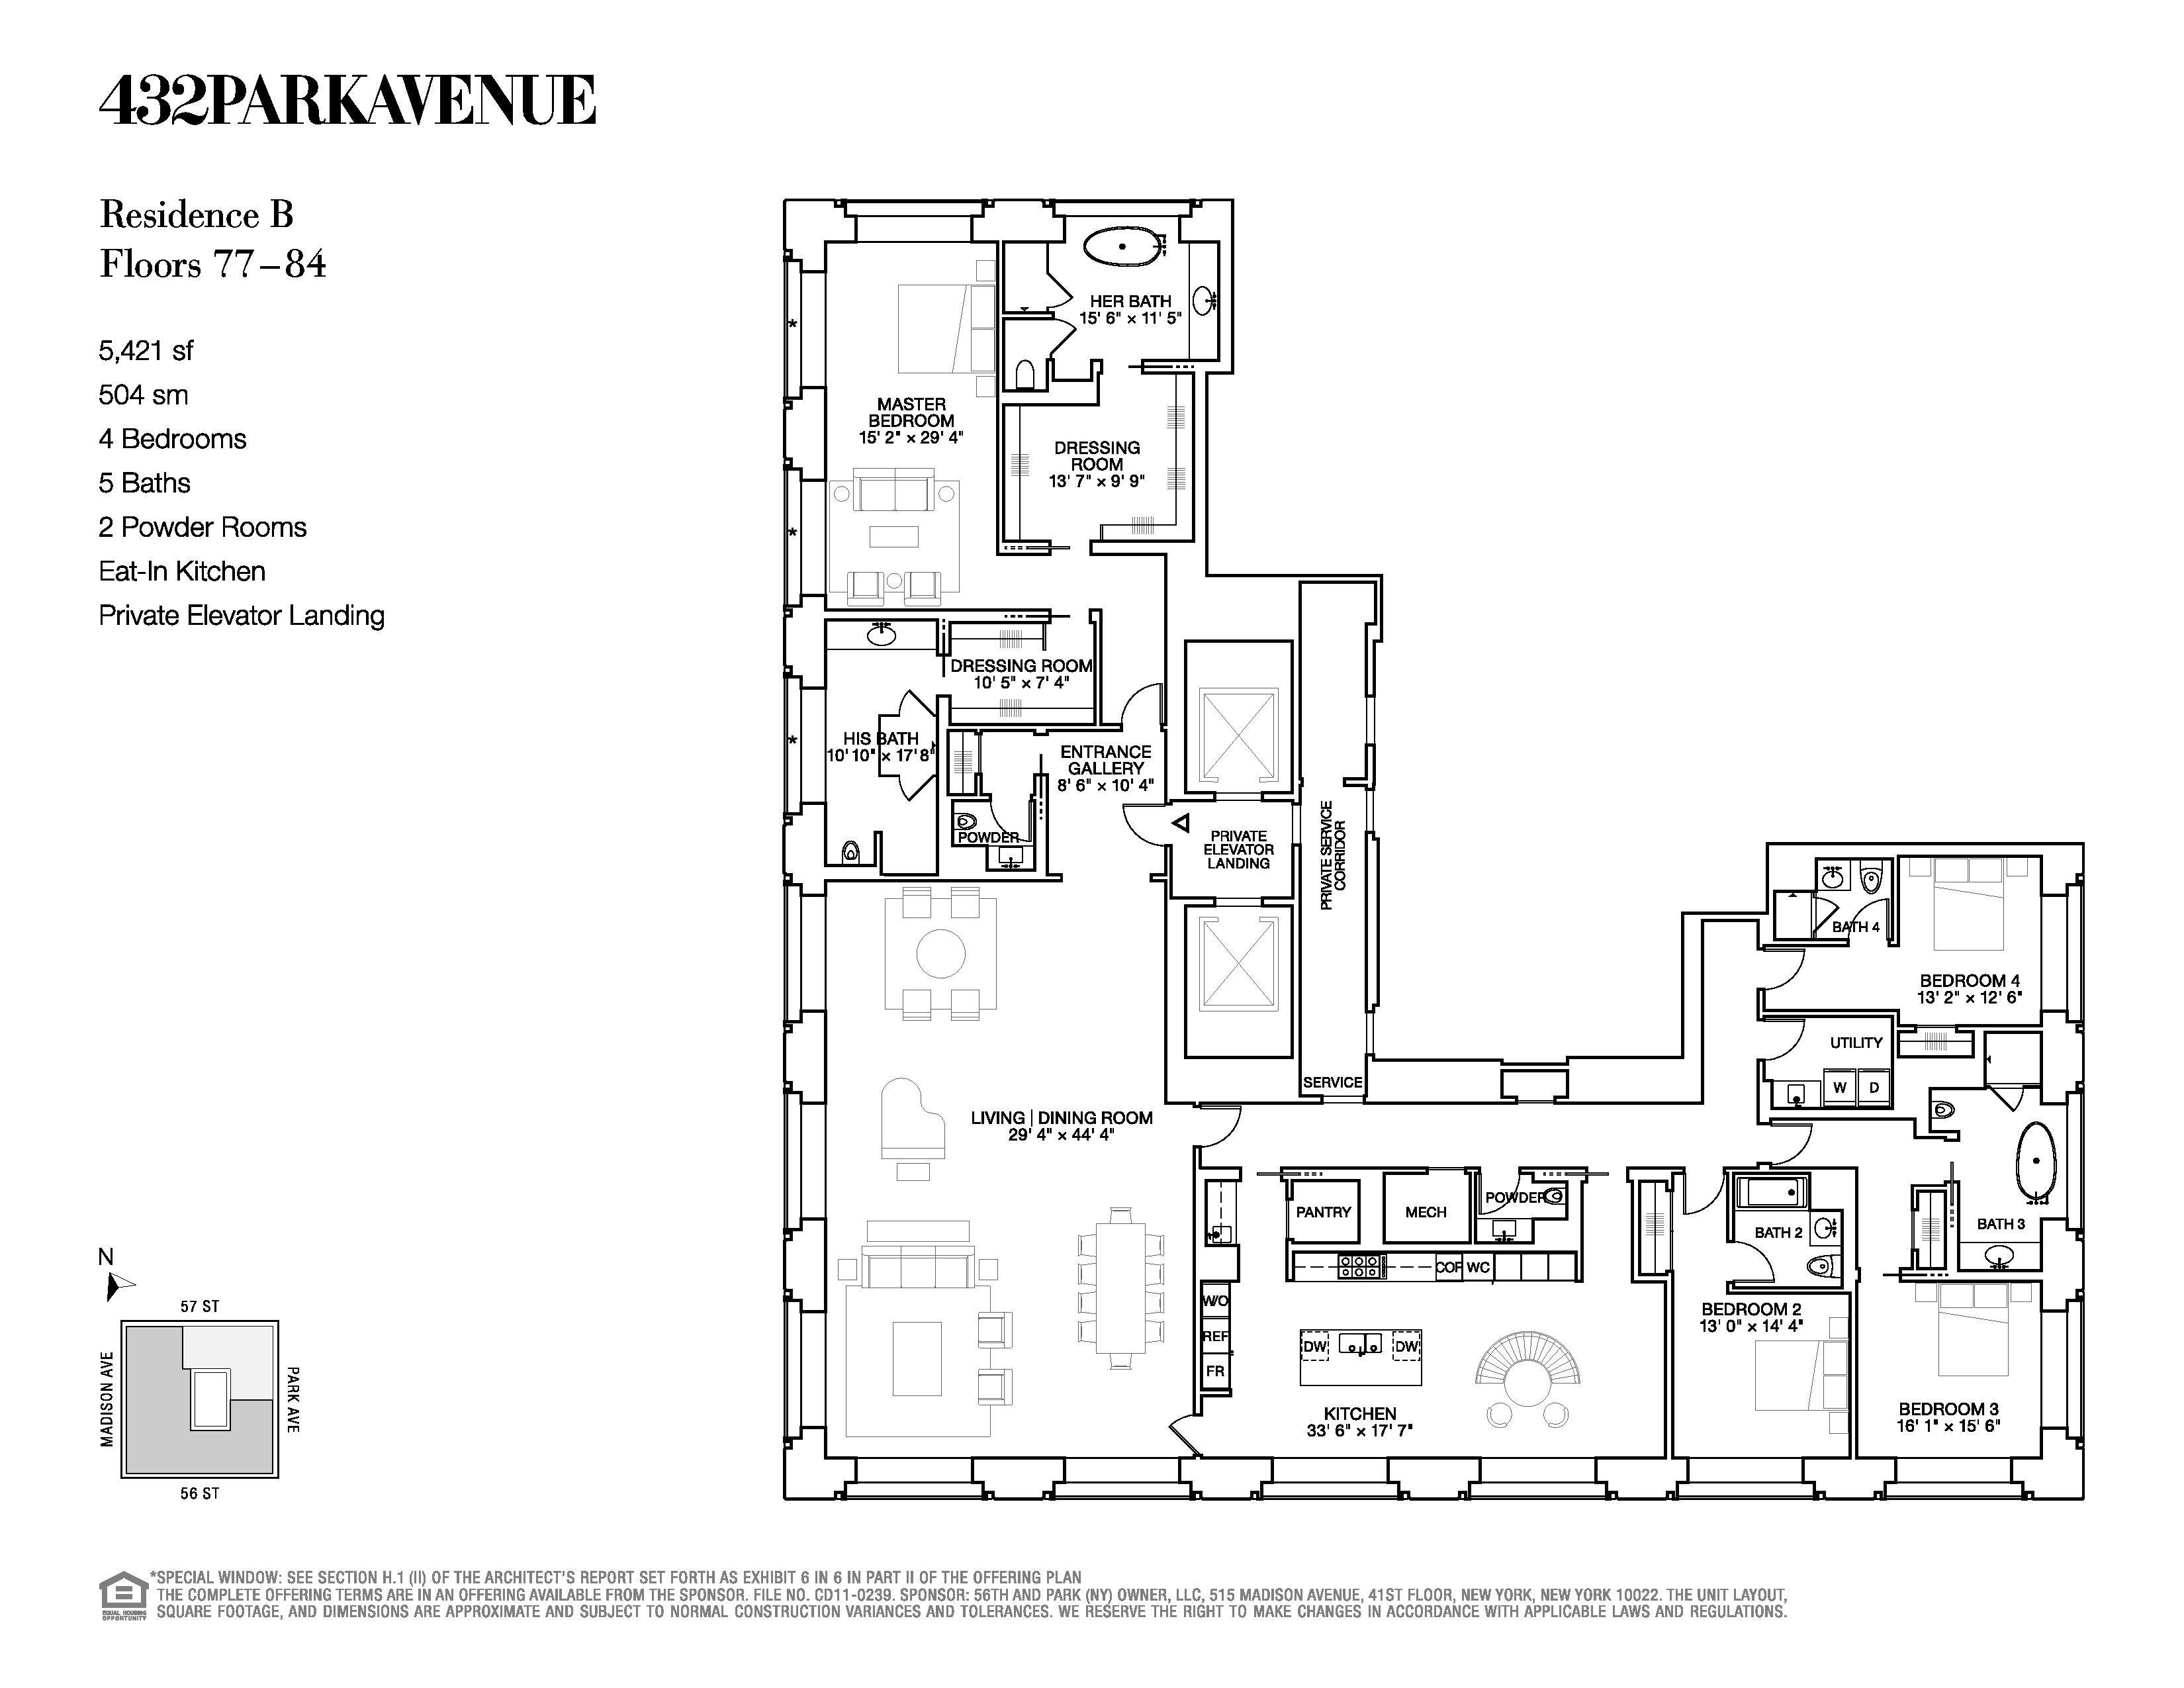 432 Park Avenue Floor Plans   New York, USA